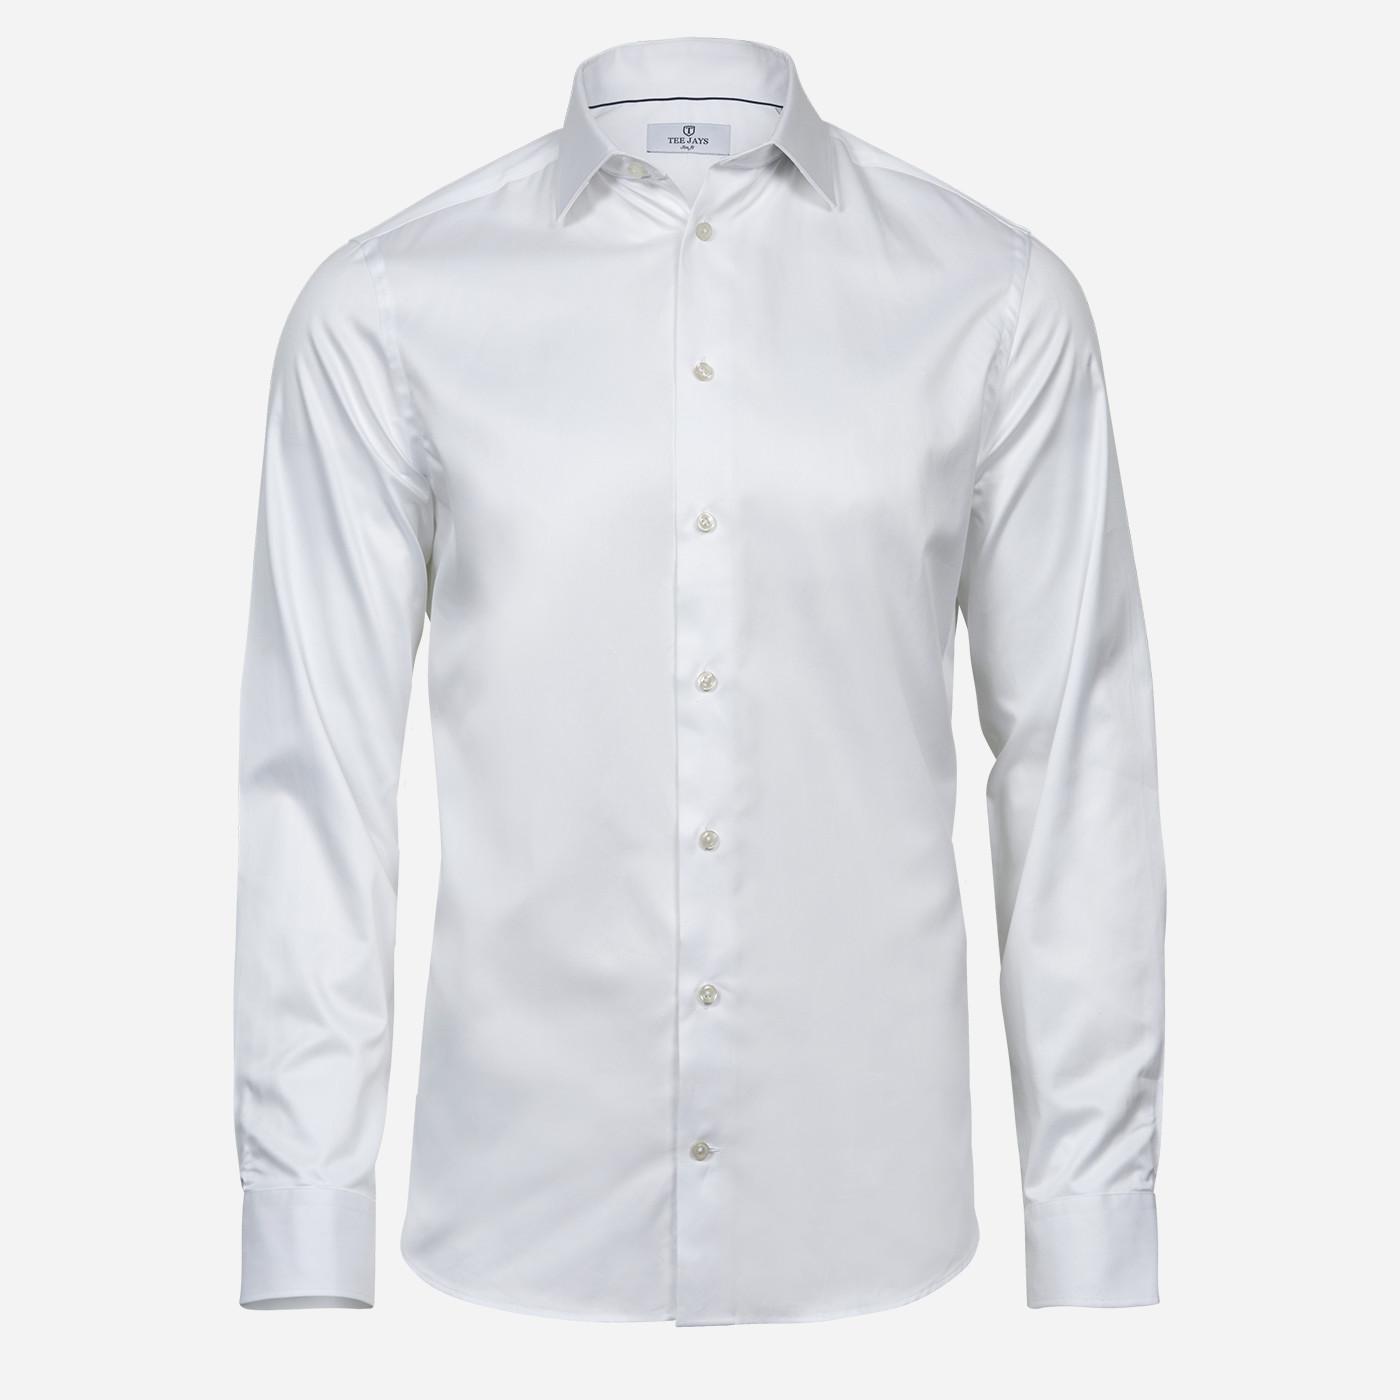 Biela pánska košeľa Tee Jays, Slim fit Veľkosť: L 41/42